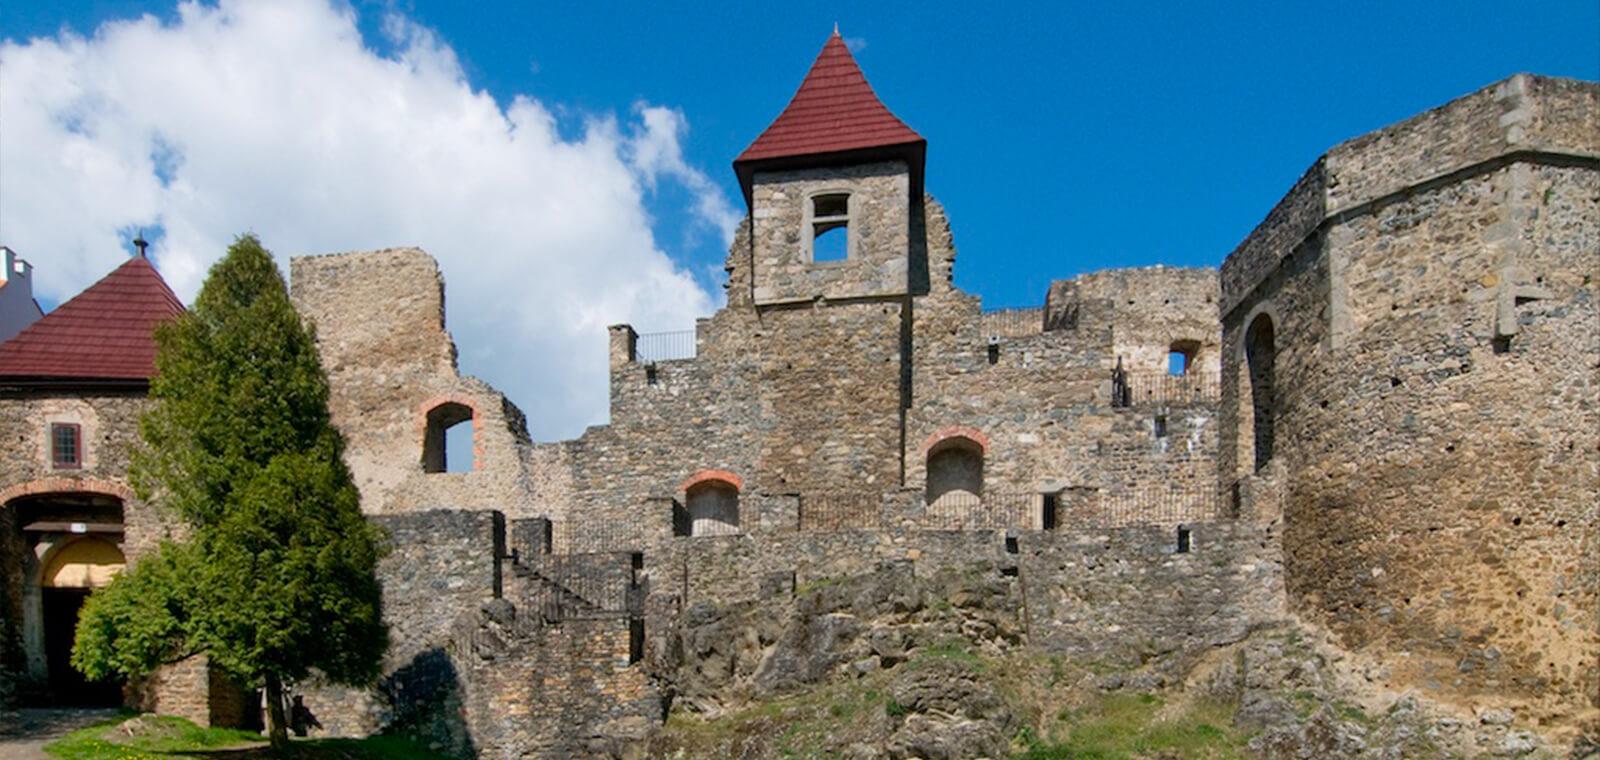 Klenova-hrad-zamek-teaser.jpg